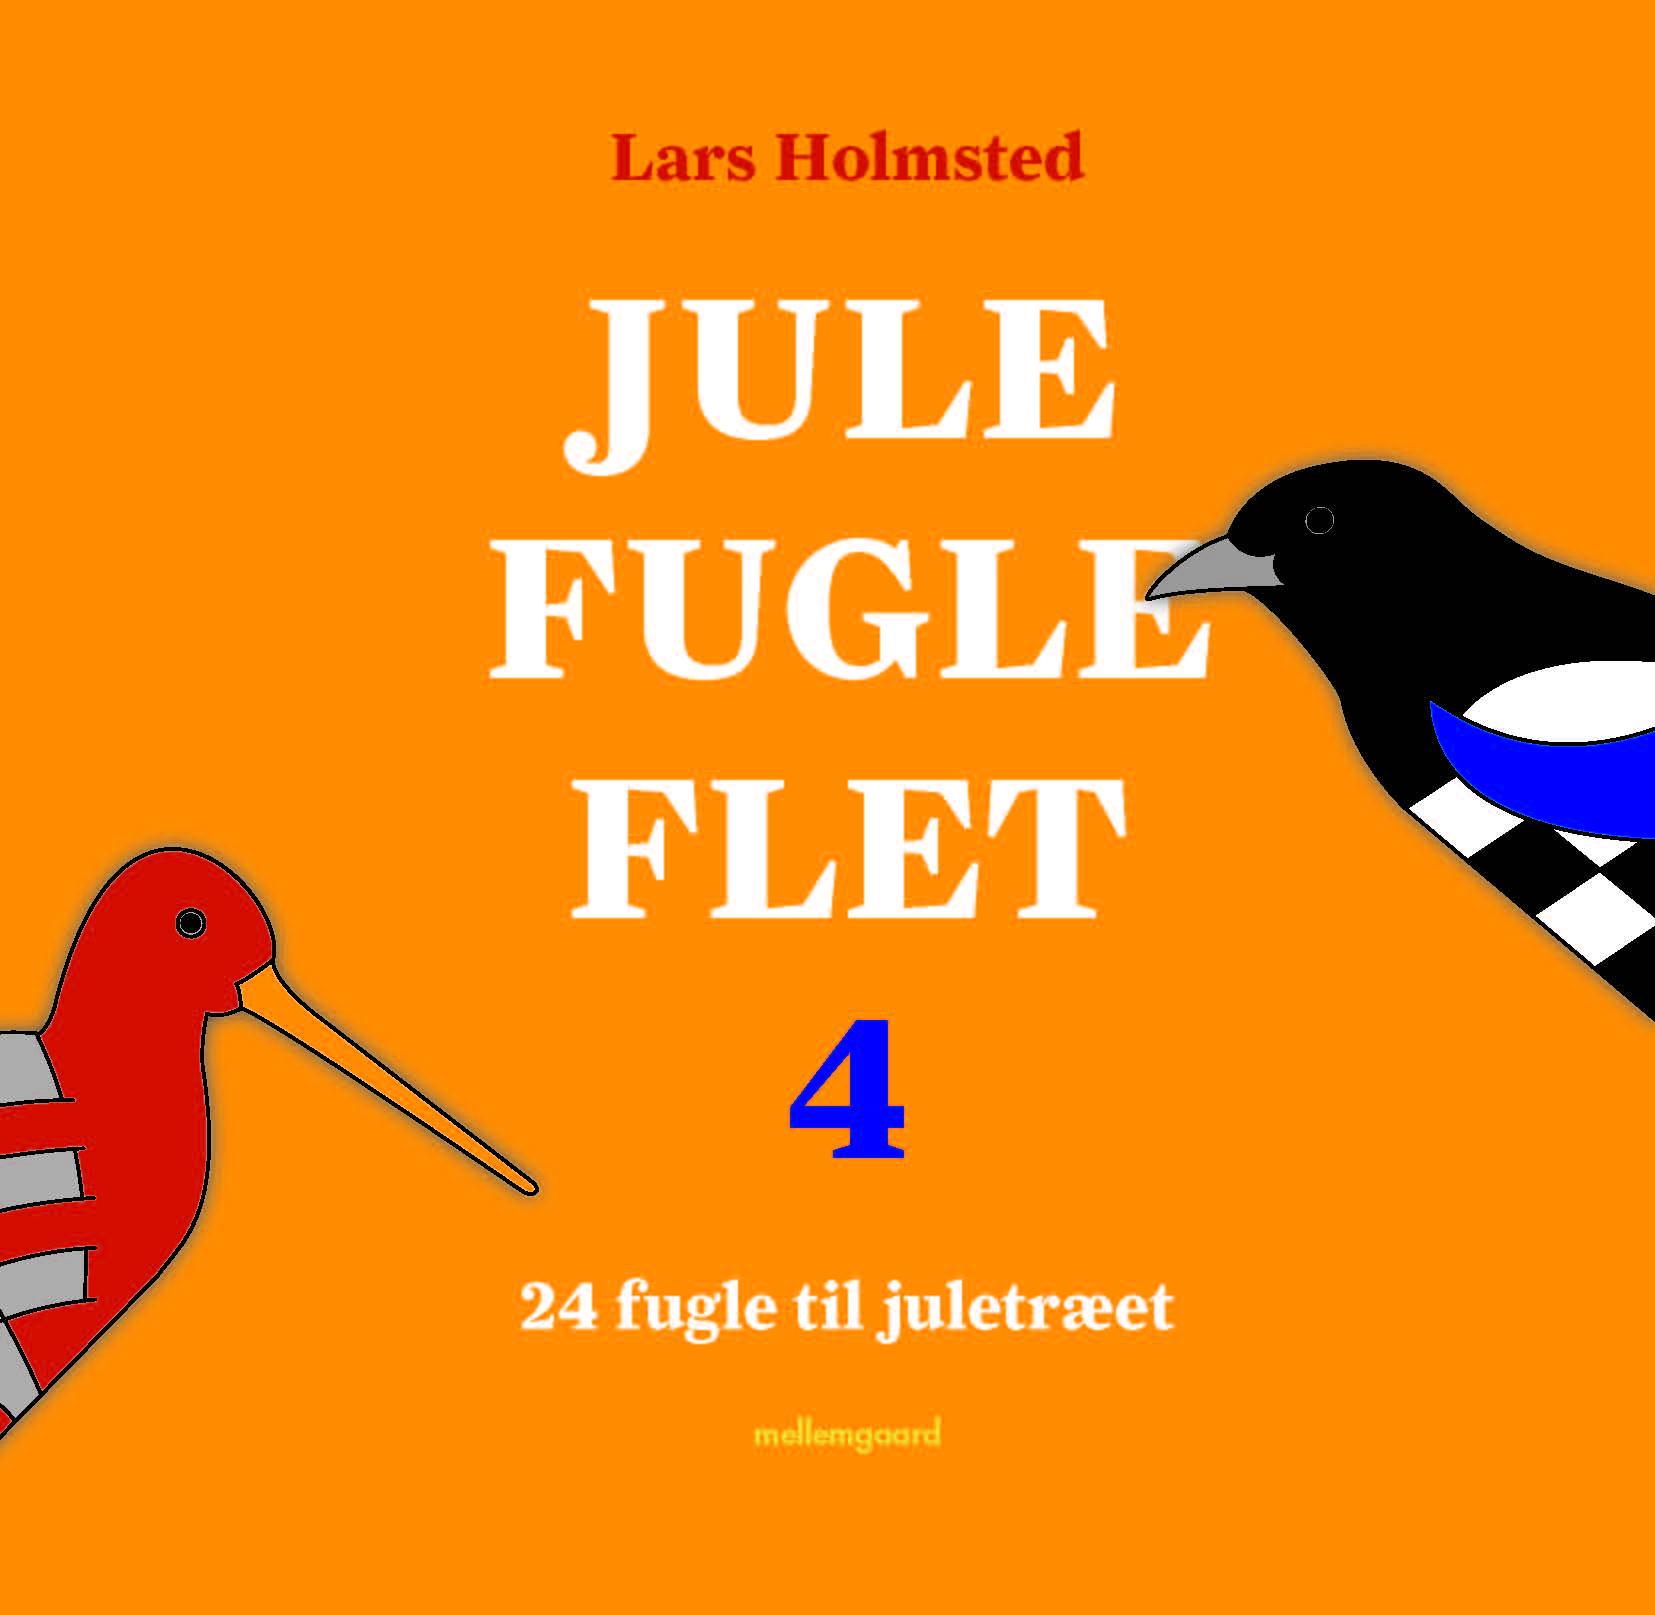 Jule·Fugle·Flet 4